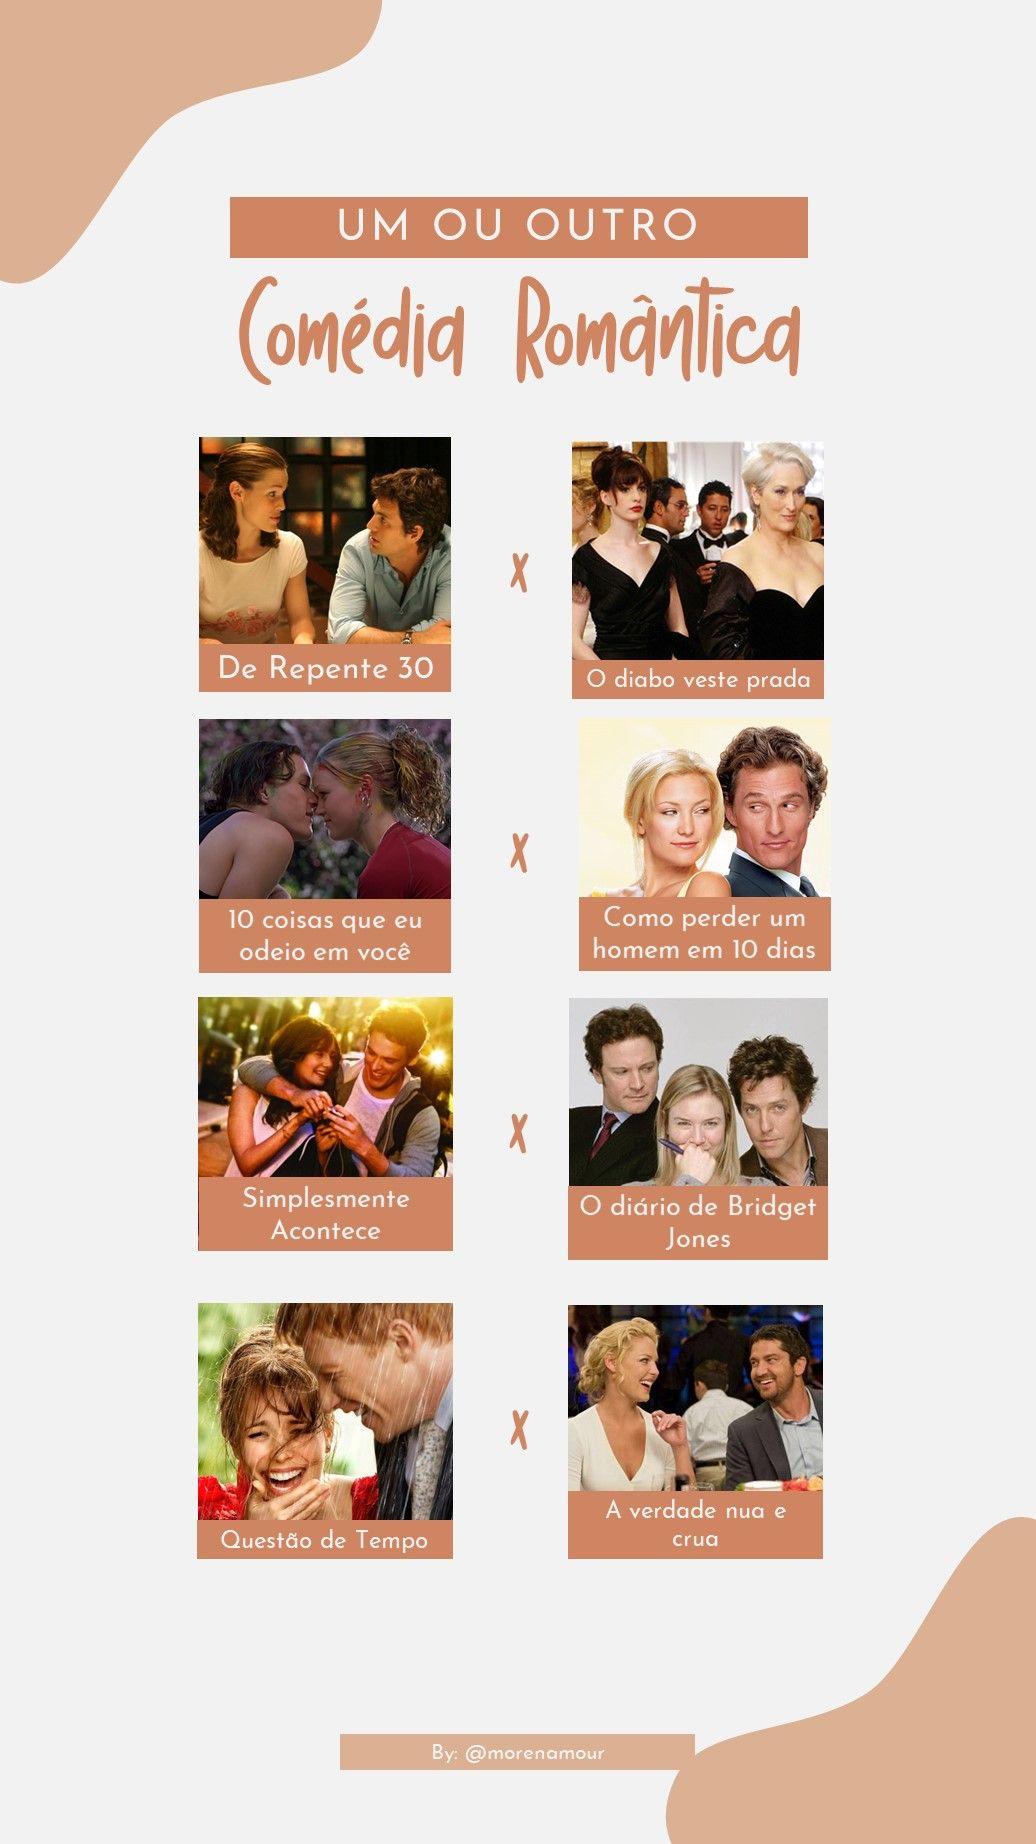 Template Um Ou Outro Comedia Romantica Comedia Romantica De